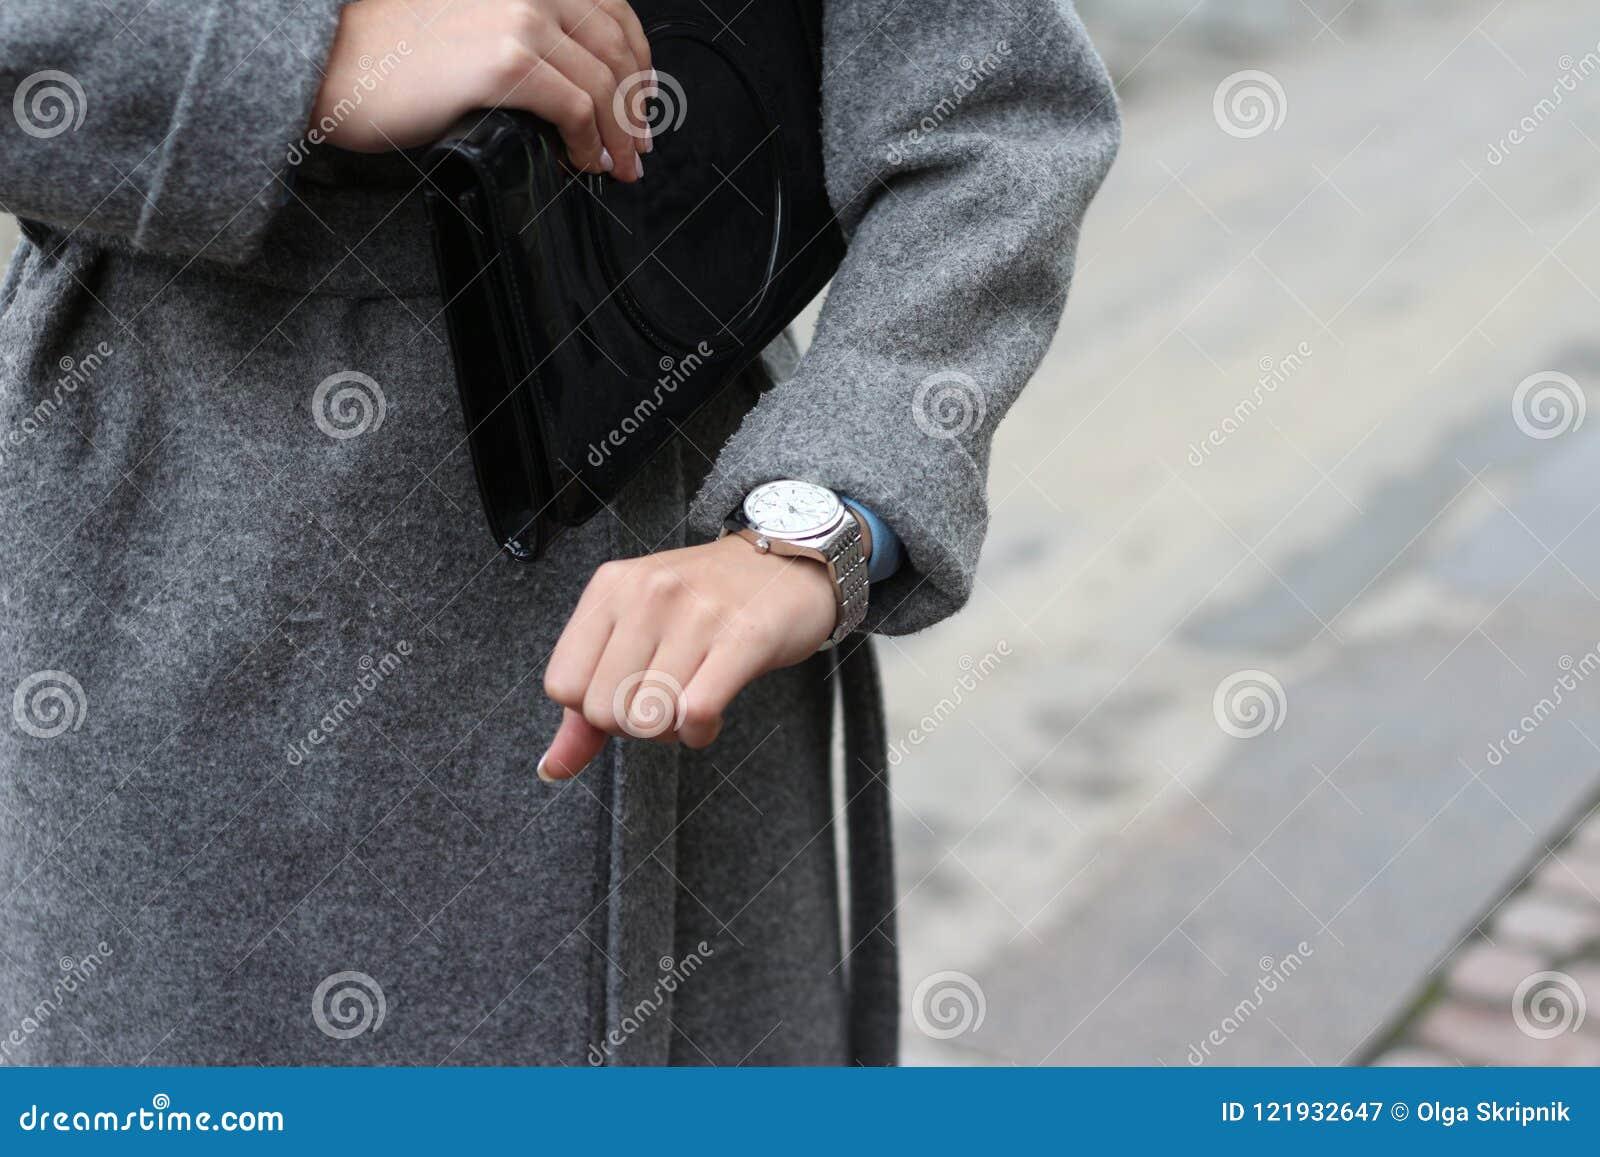 ένα νέο κορίτσι σε ένα γκρίζο παλτό εξετάζει το wristwatch της, ελέγχει ο χρόνος, εξετάζει το ρολόι της η βιασύνη σε μια συνεδρία